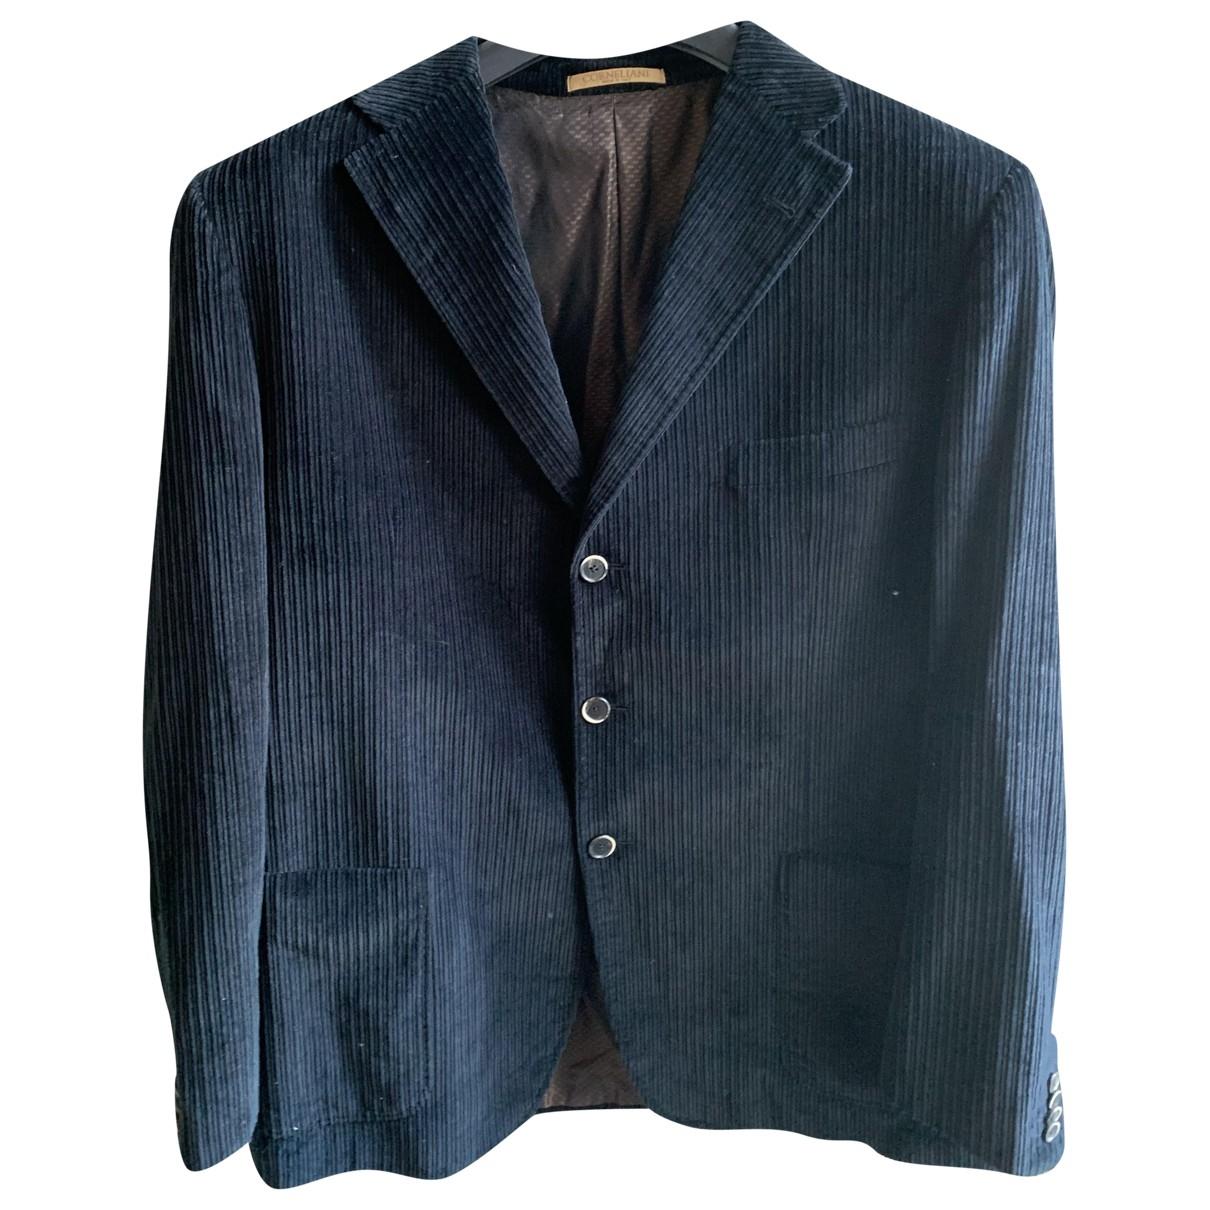 Corneliani - Vestes.Blousons   pour homme en velours - bleu